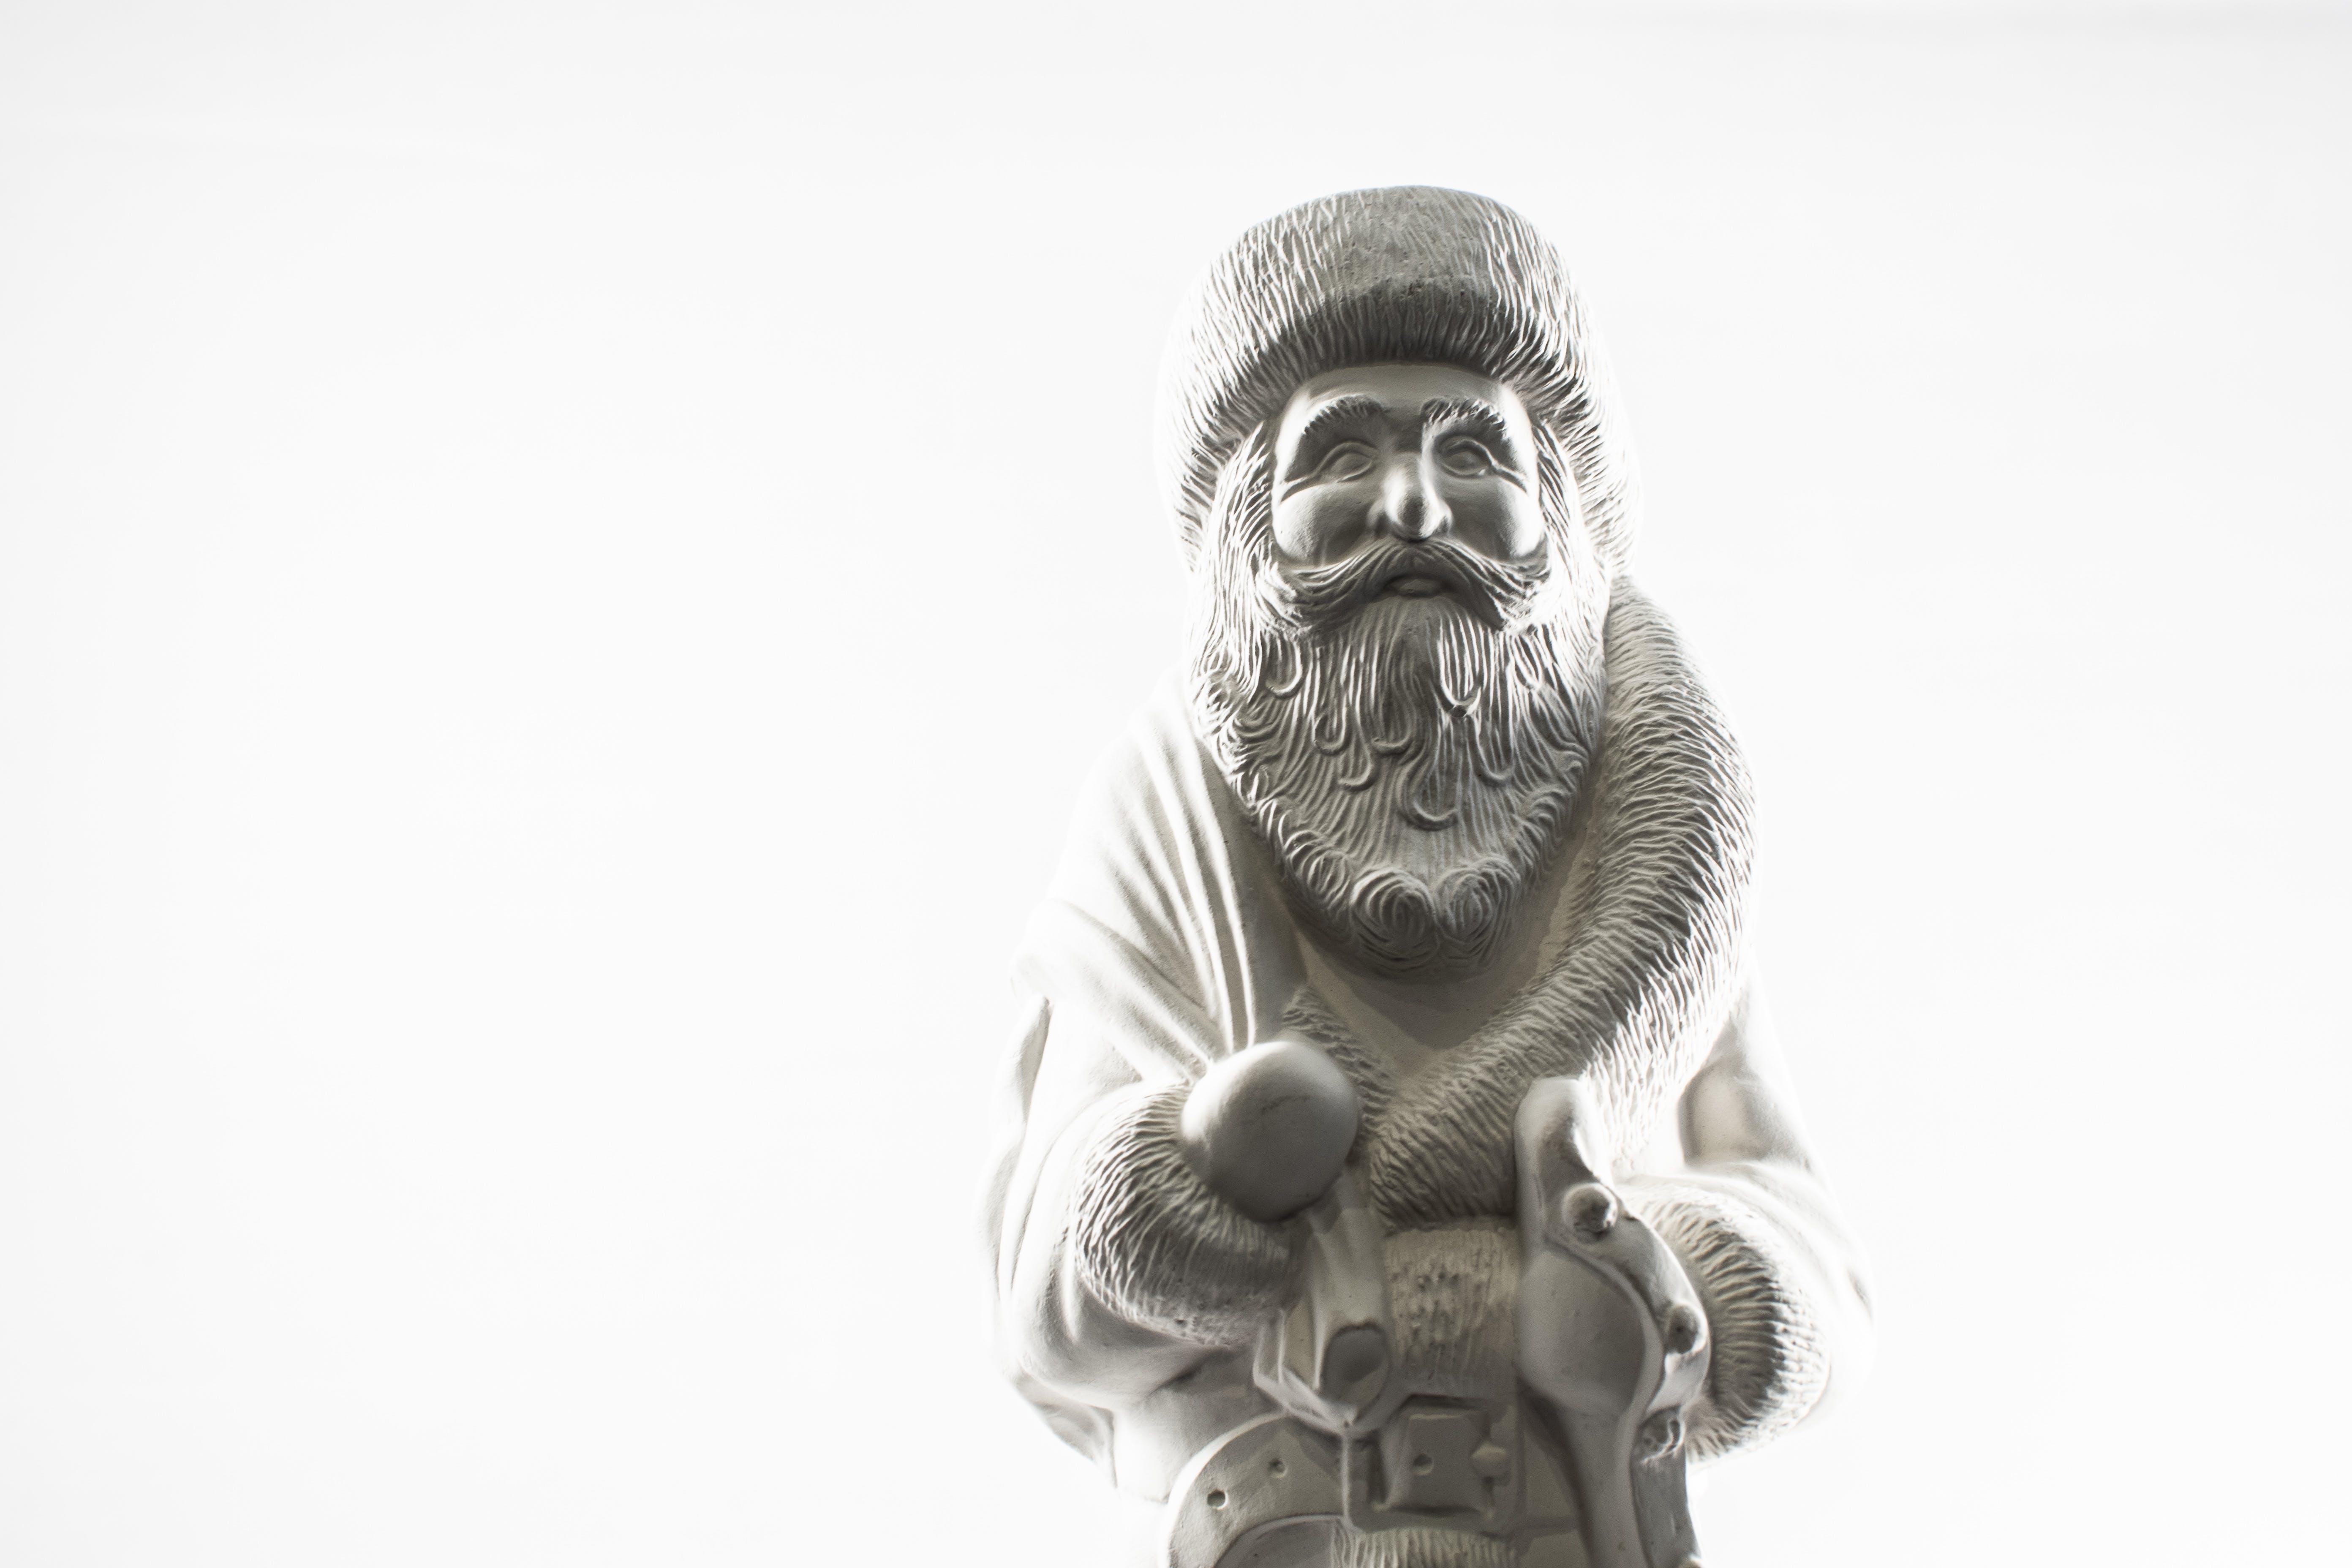 Kostenloses Stock Foto zu figuren, schwarz und weiß, skulptur, statue